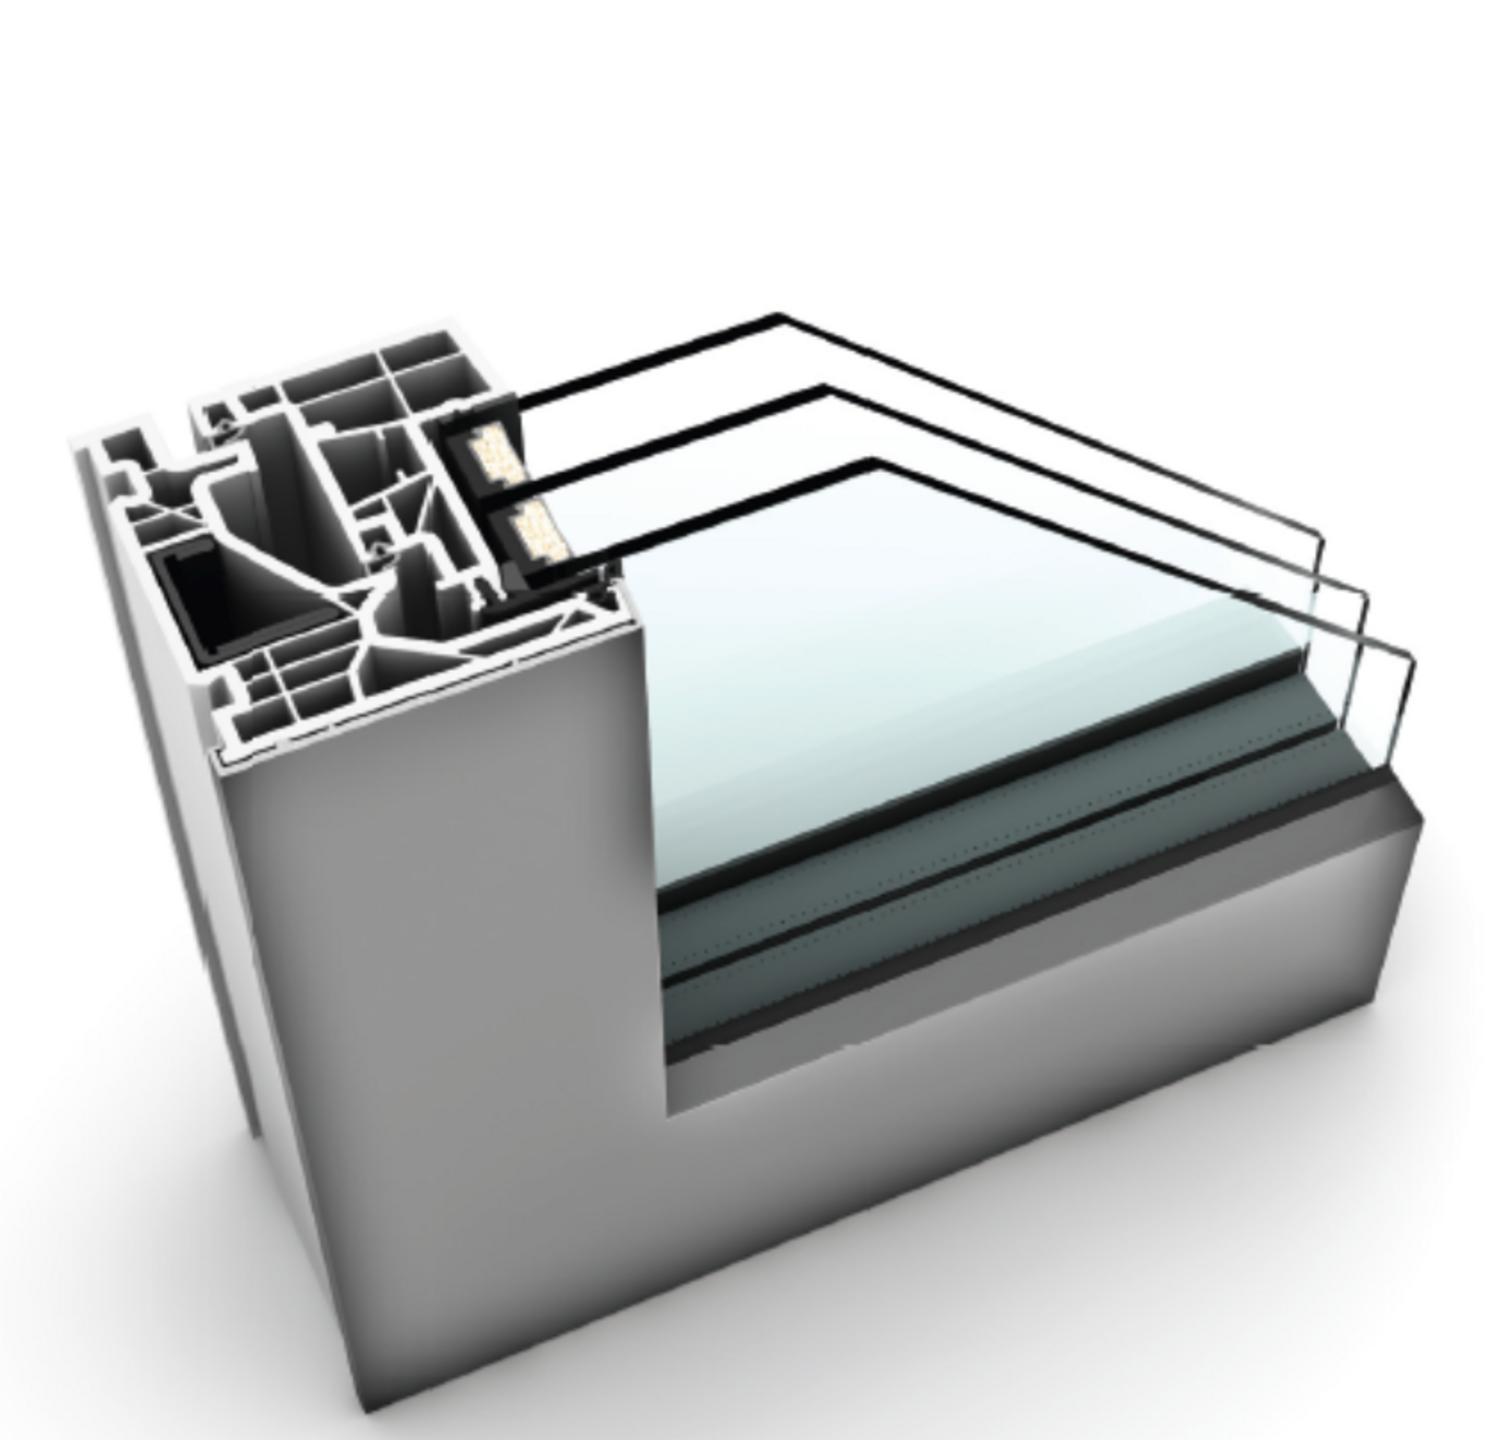 Nové Internorm okno KF520 získalo ocenenie German Innovation Award a MUSE Design Award - Obrázok č. 3